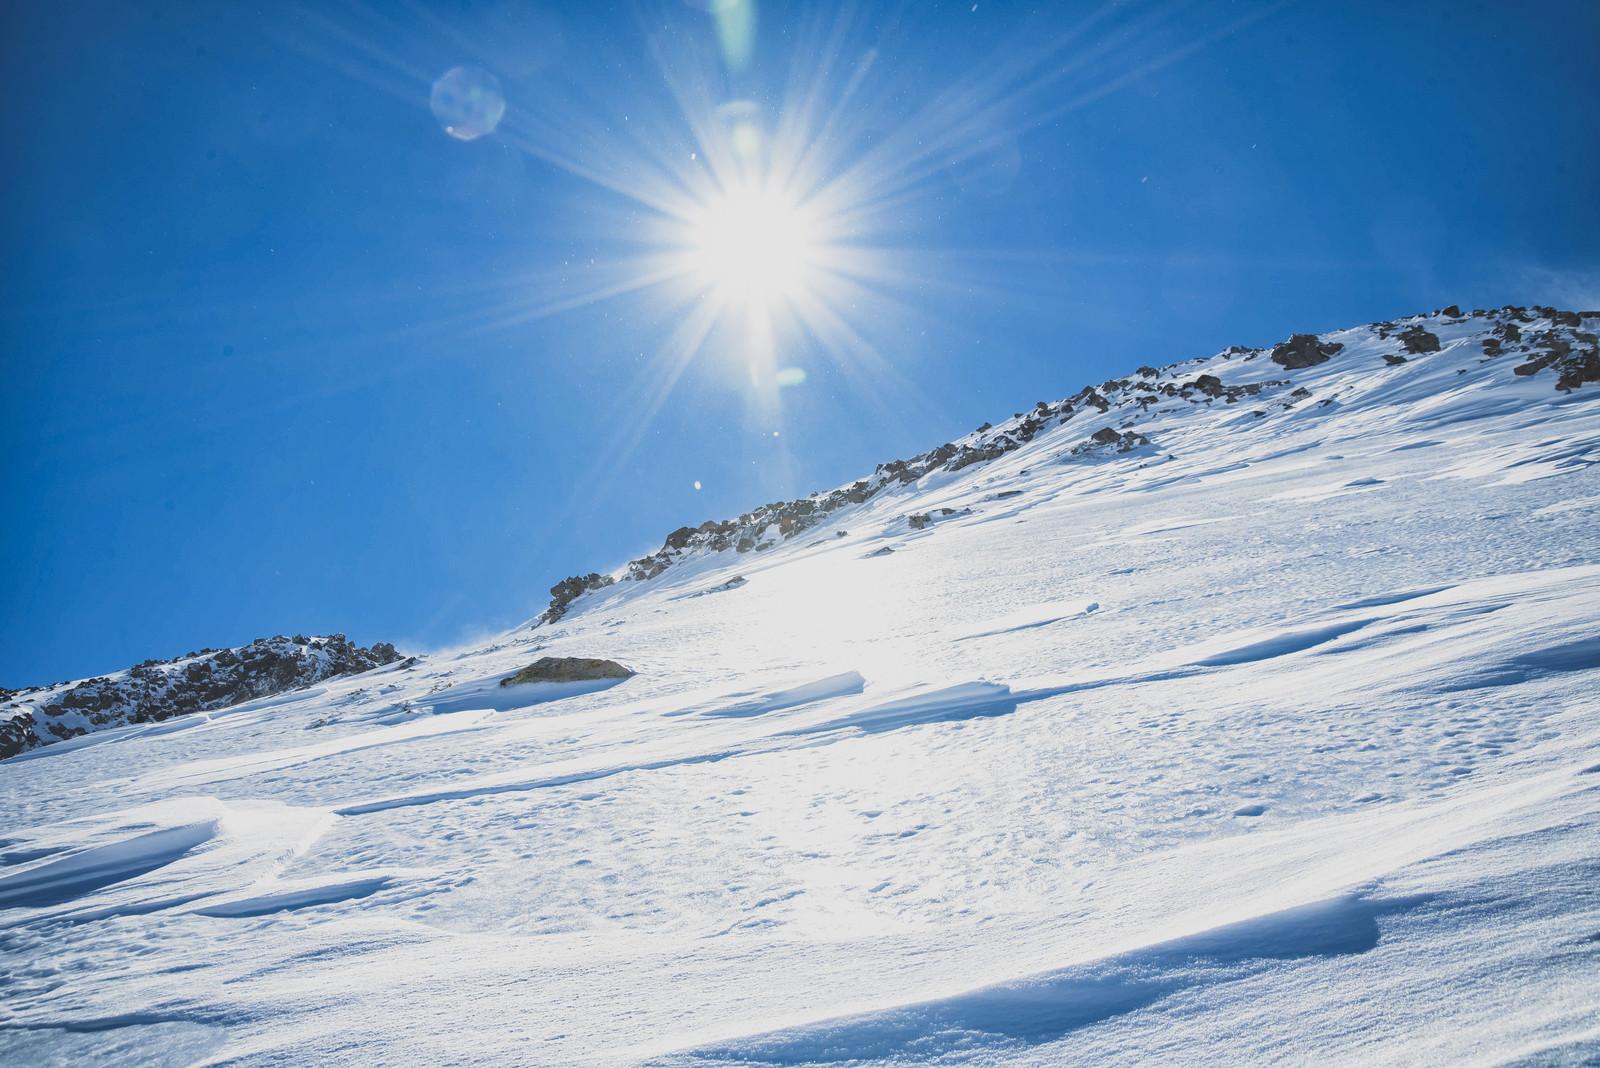 「氷化した雪山の斜面と太陽」の写真